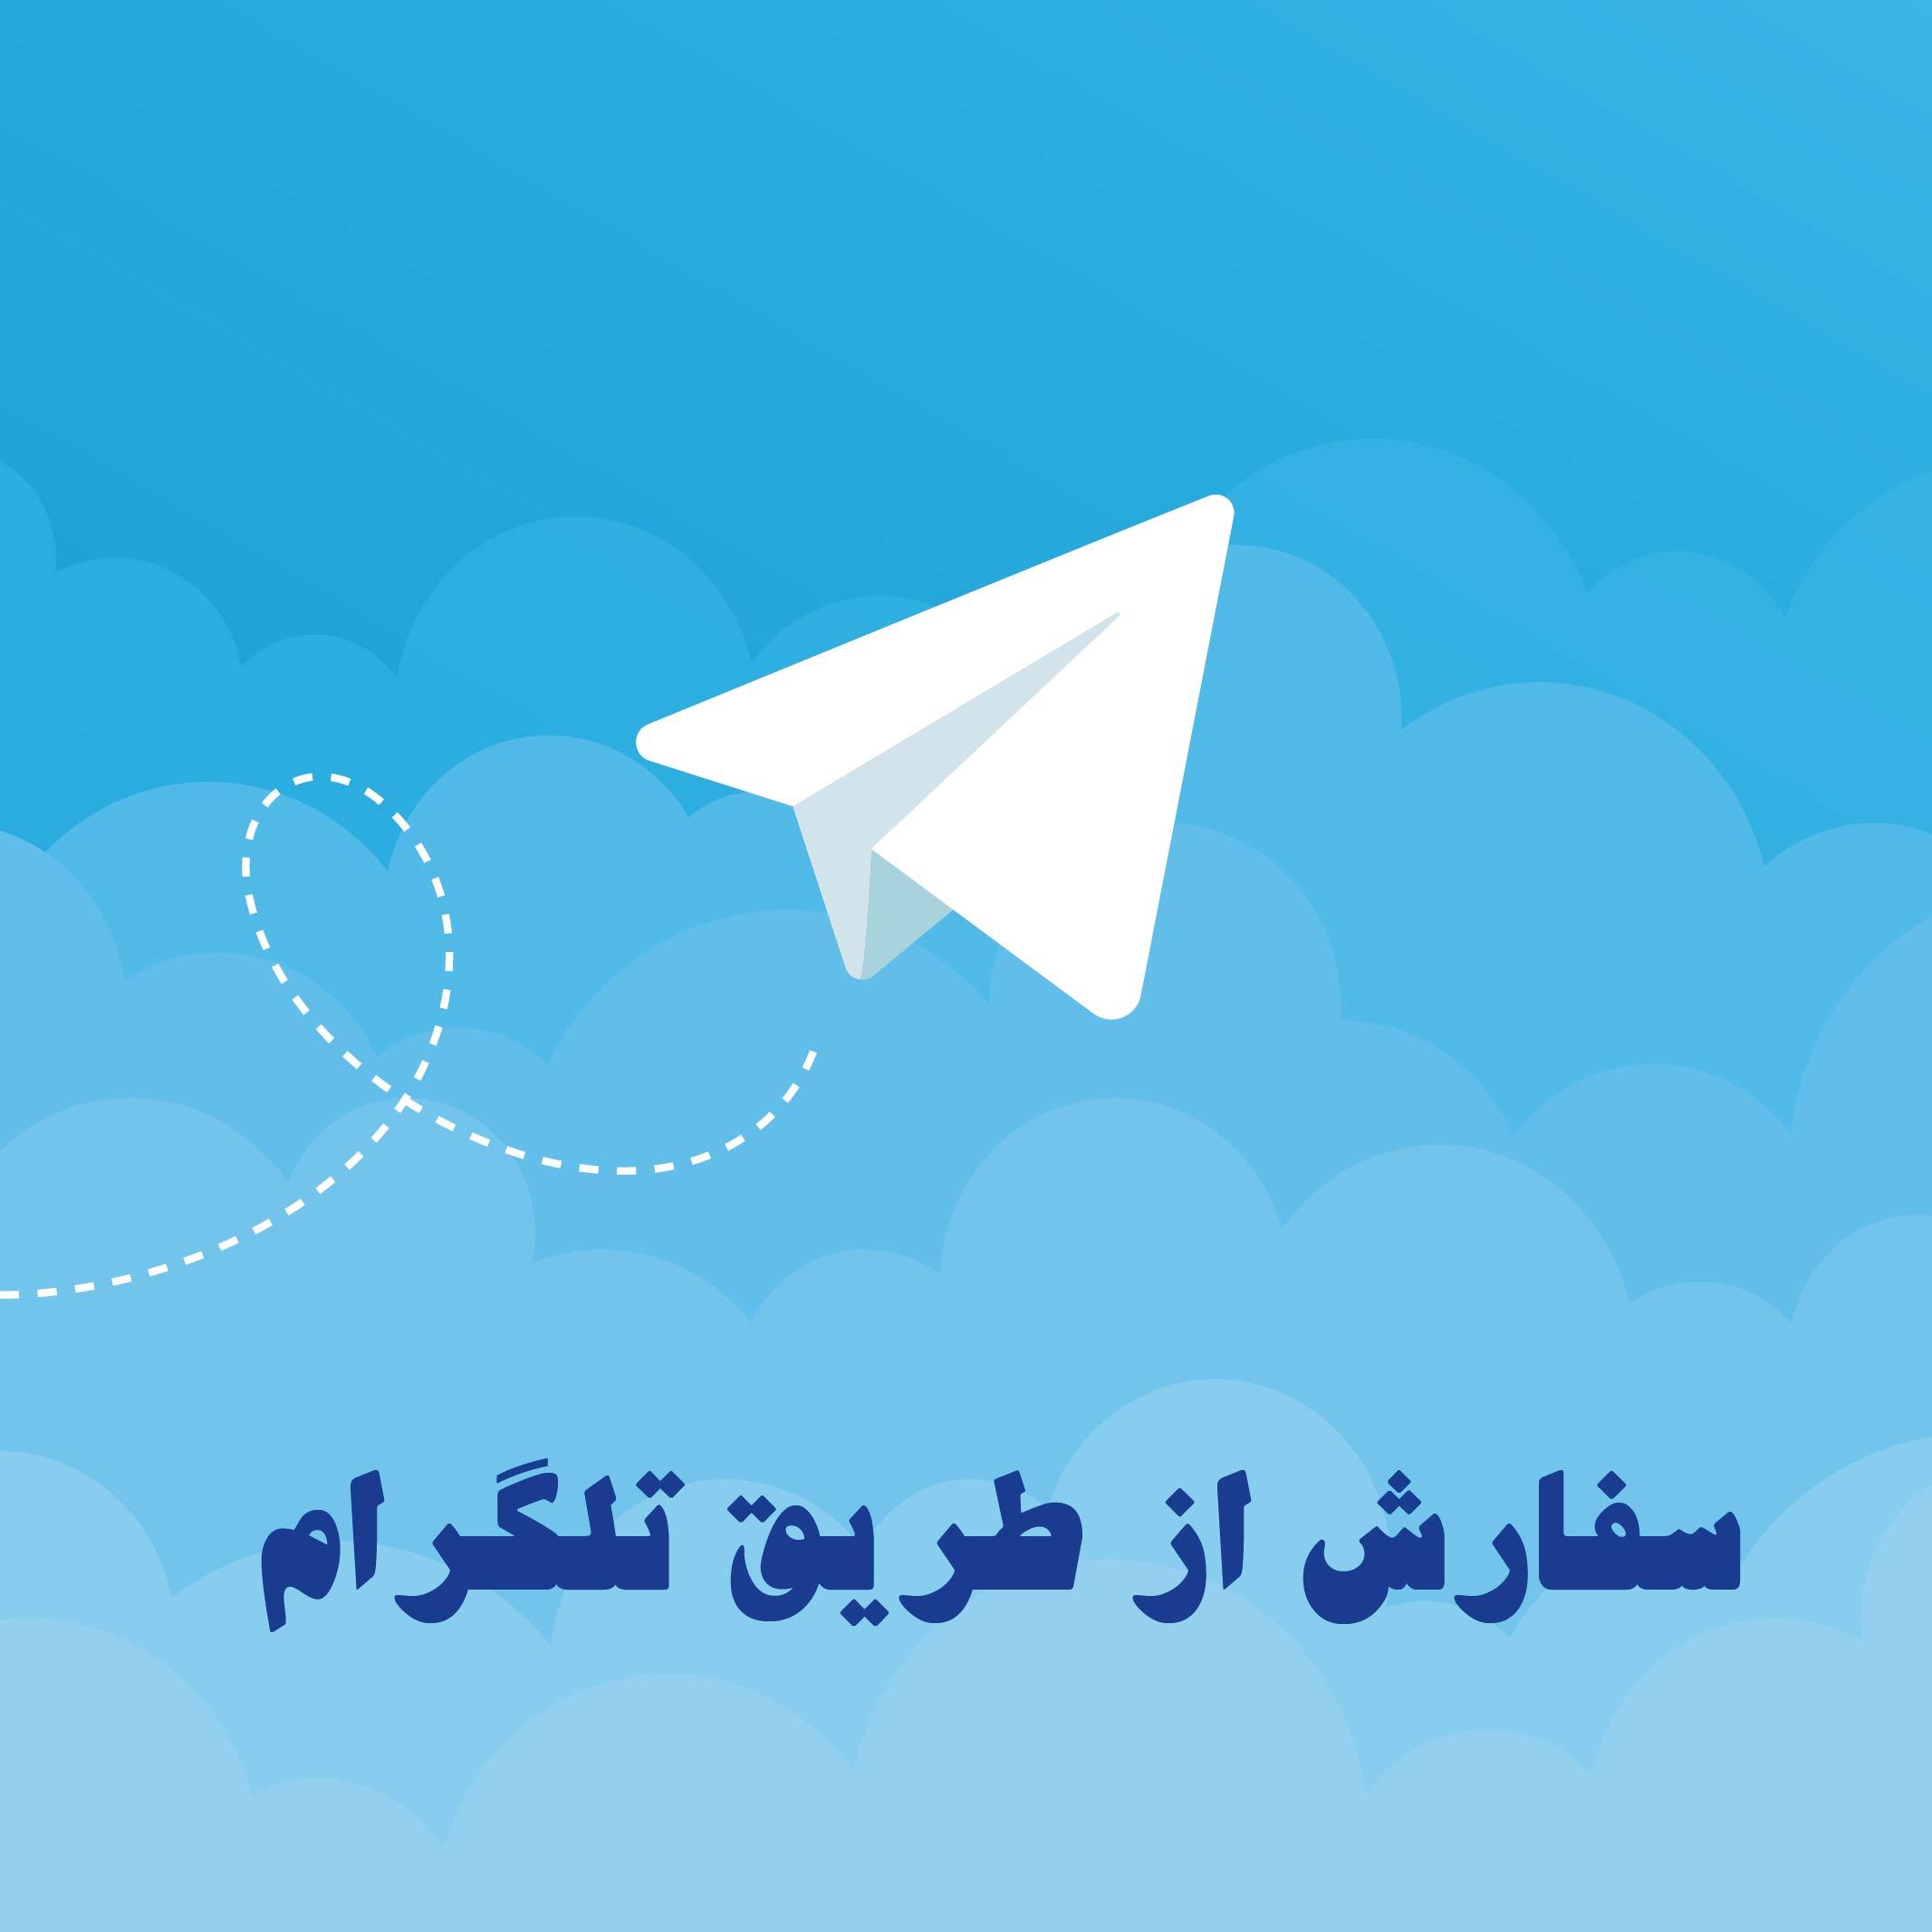 سفارش سریع پروژه با تلگرام